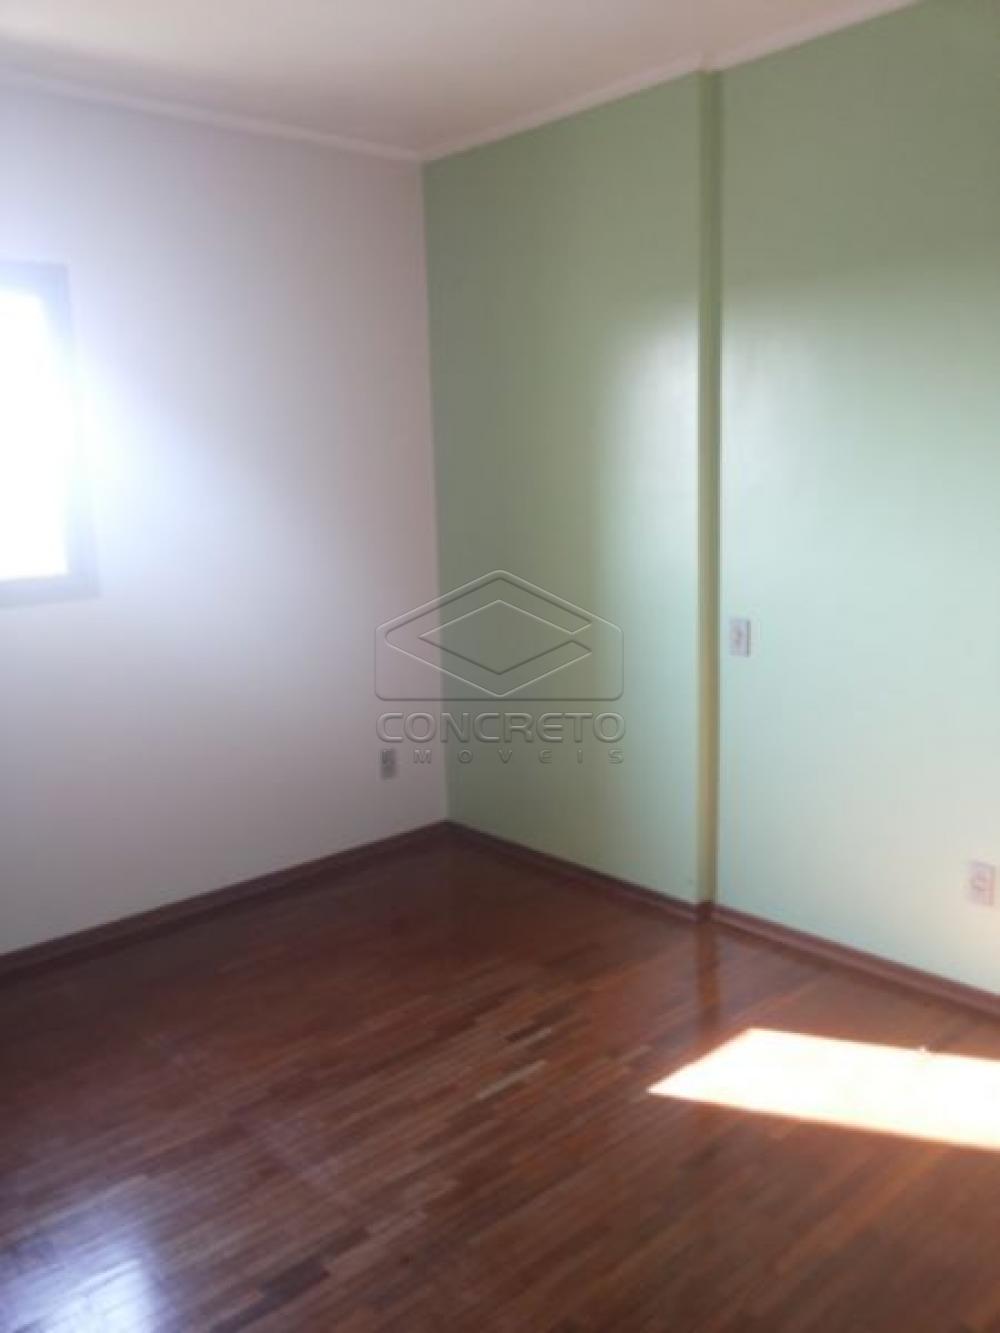 Alugar Apartamento / Padrão em Botucatu R$ 1.170,00 - Foto 20